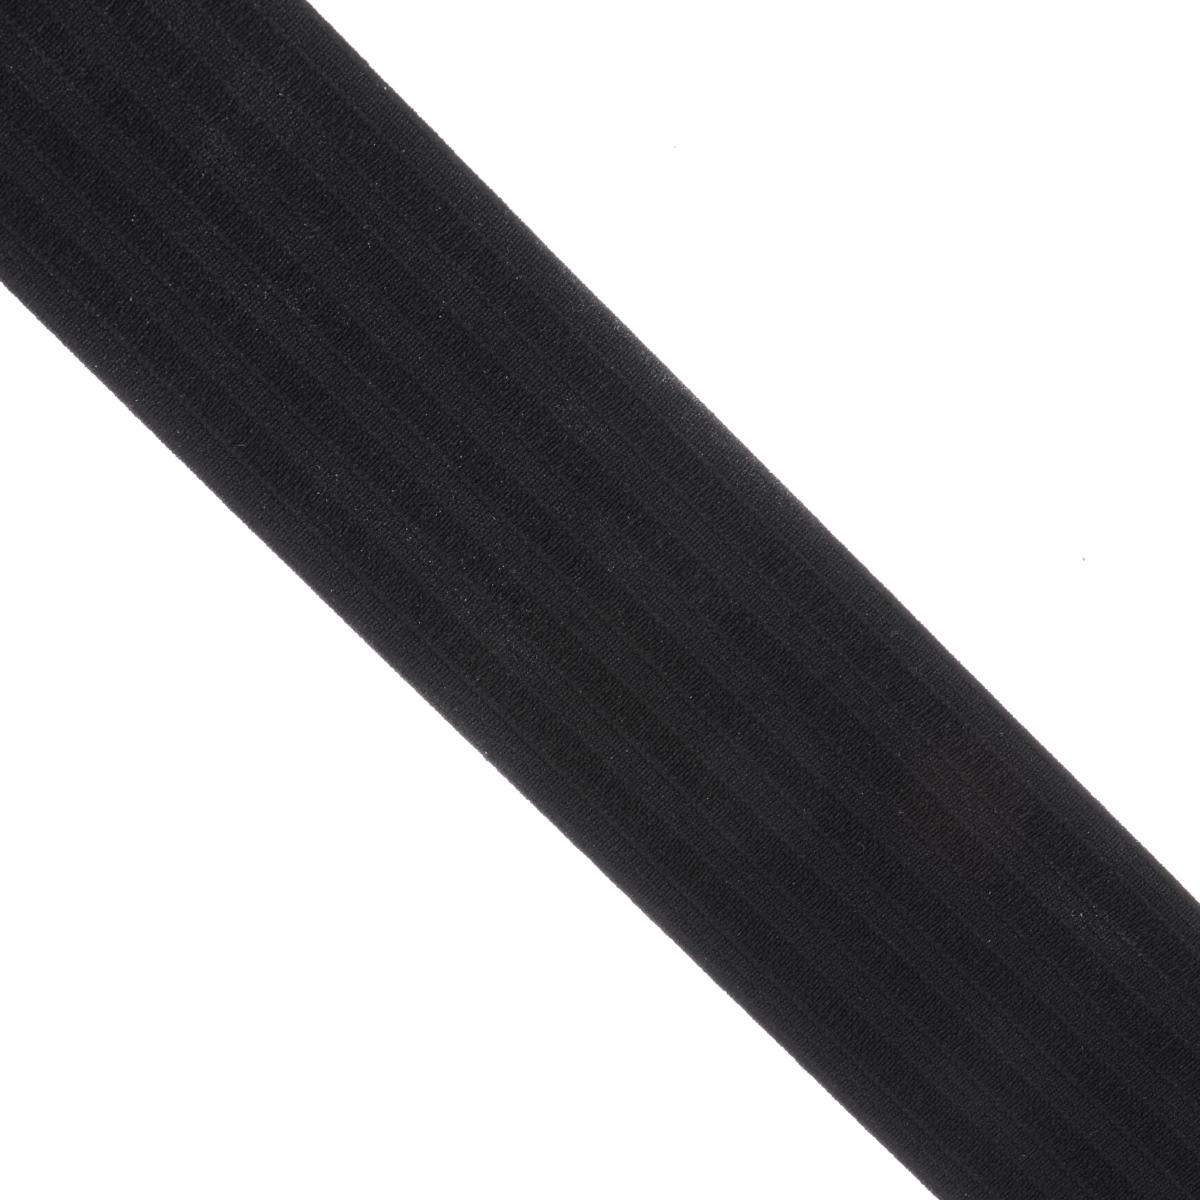 Лента эластичная Prym, для уплотнения шва, цвет: черный, ширина 2 см, длина 10 м693538Эластичная лента Prym предназначена для уплотнения шва. Выполнена из полиэстера (80%) и эластомера (20%). Ткань прочная, стабильная, облегчает равномерное притачивание внутренней отделки.Длина ленты: 10 м.Ширина ленты: 2 см.